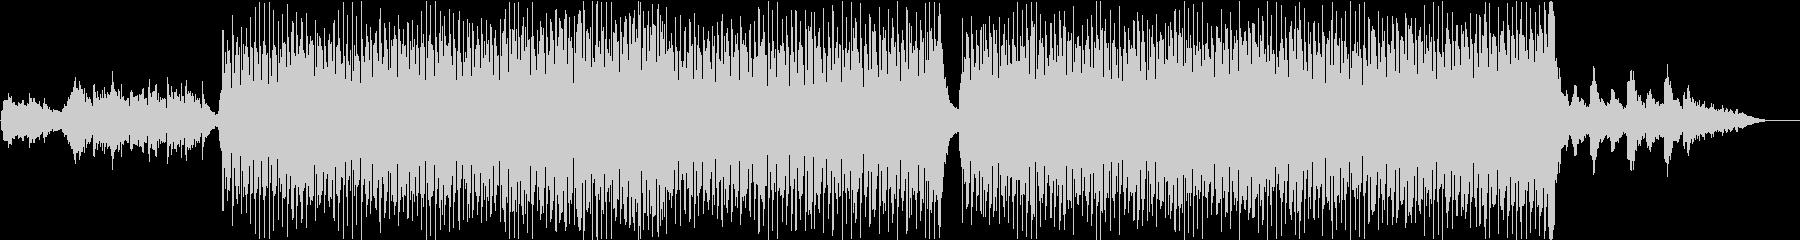 ドキュメンタリー系BGMの未再生の波形